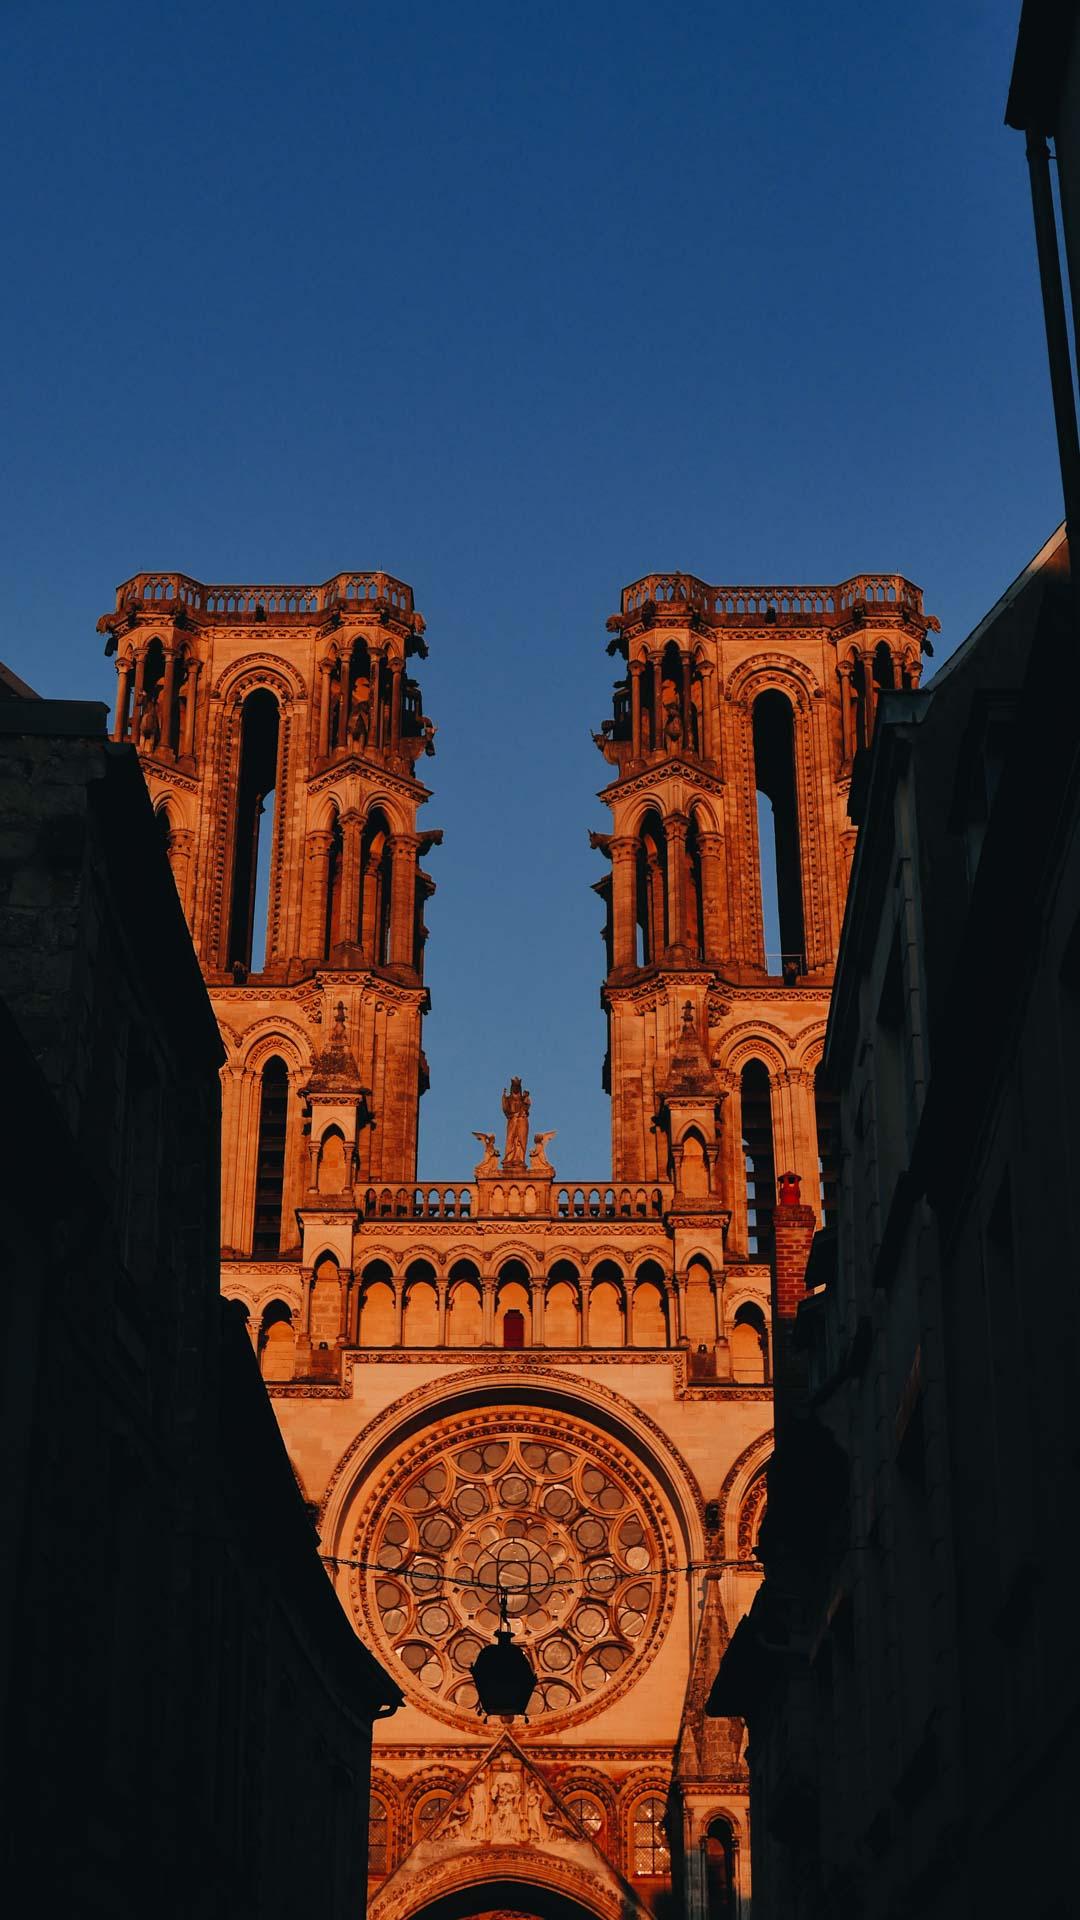 cathédrale Laon coucher soleil